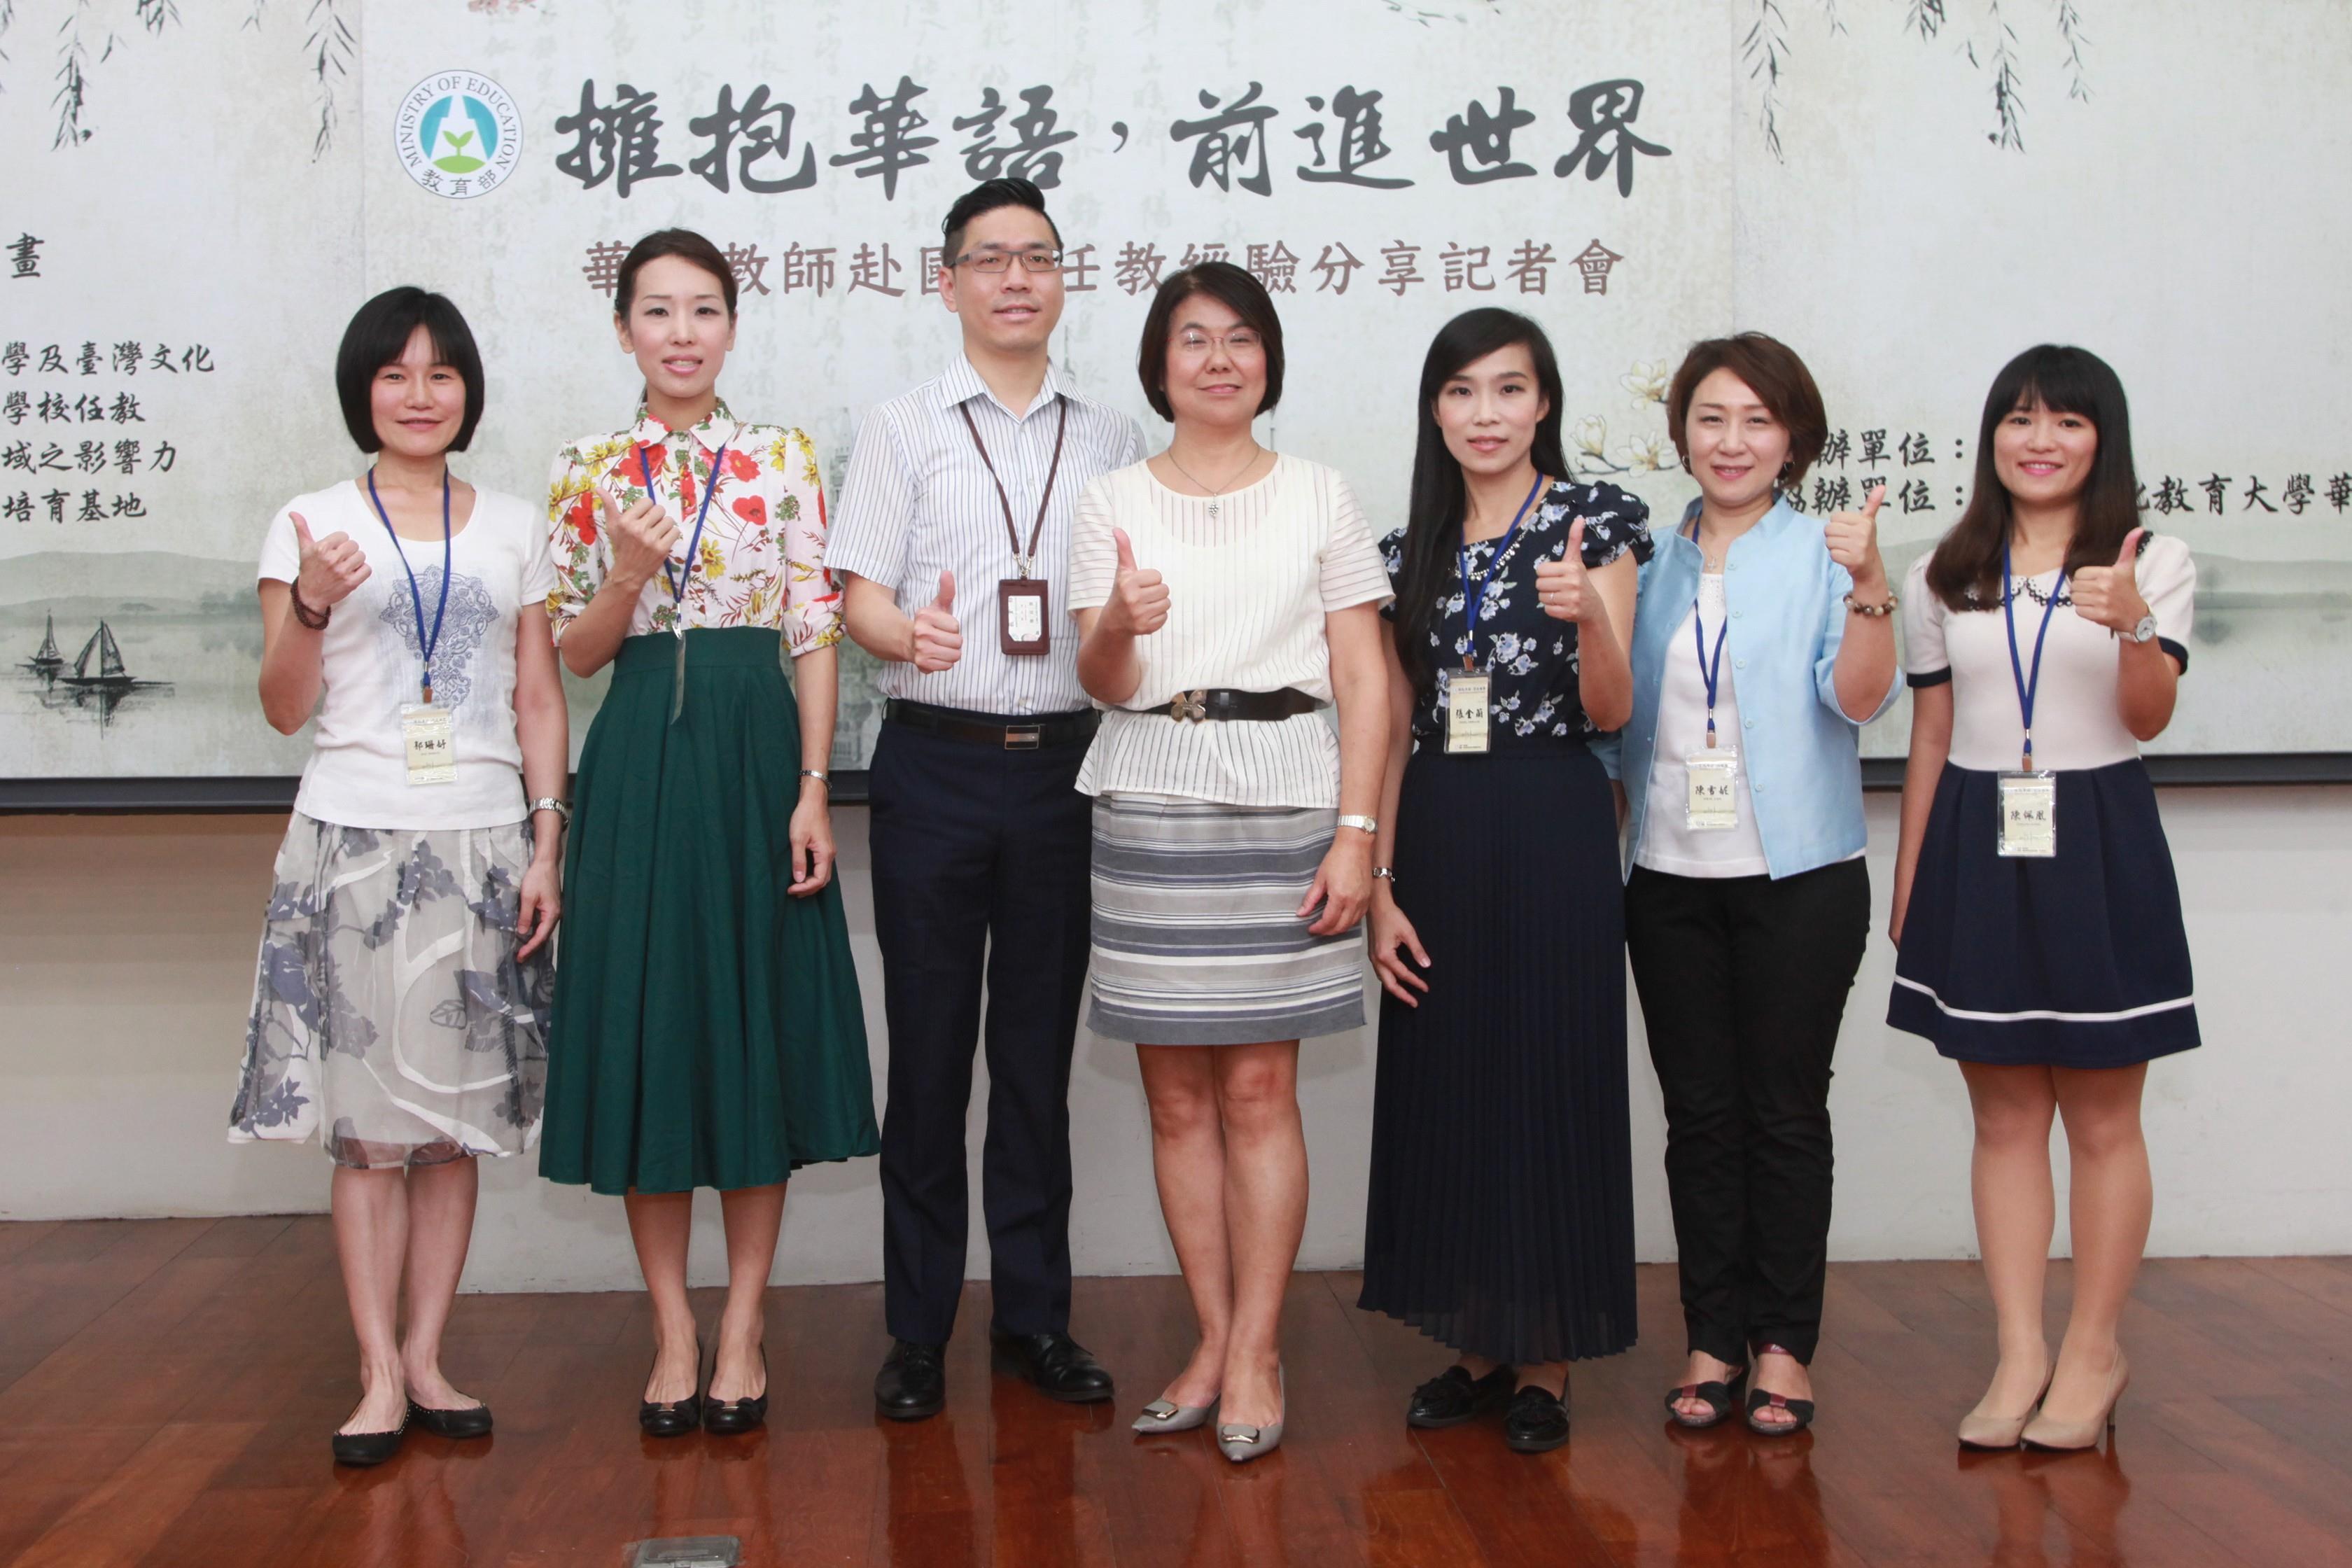 擁抱華語,前進世界-華語教師赴國外任教經驗分享_圖片_大圖